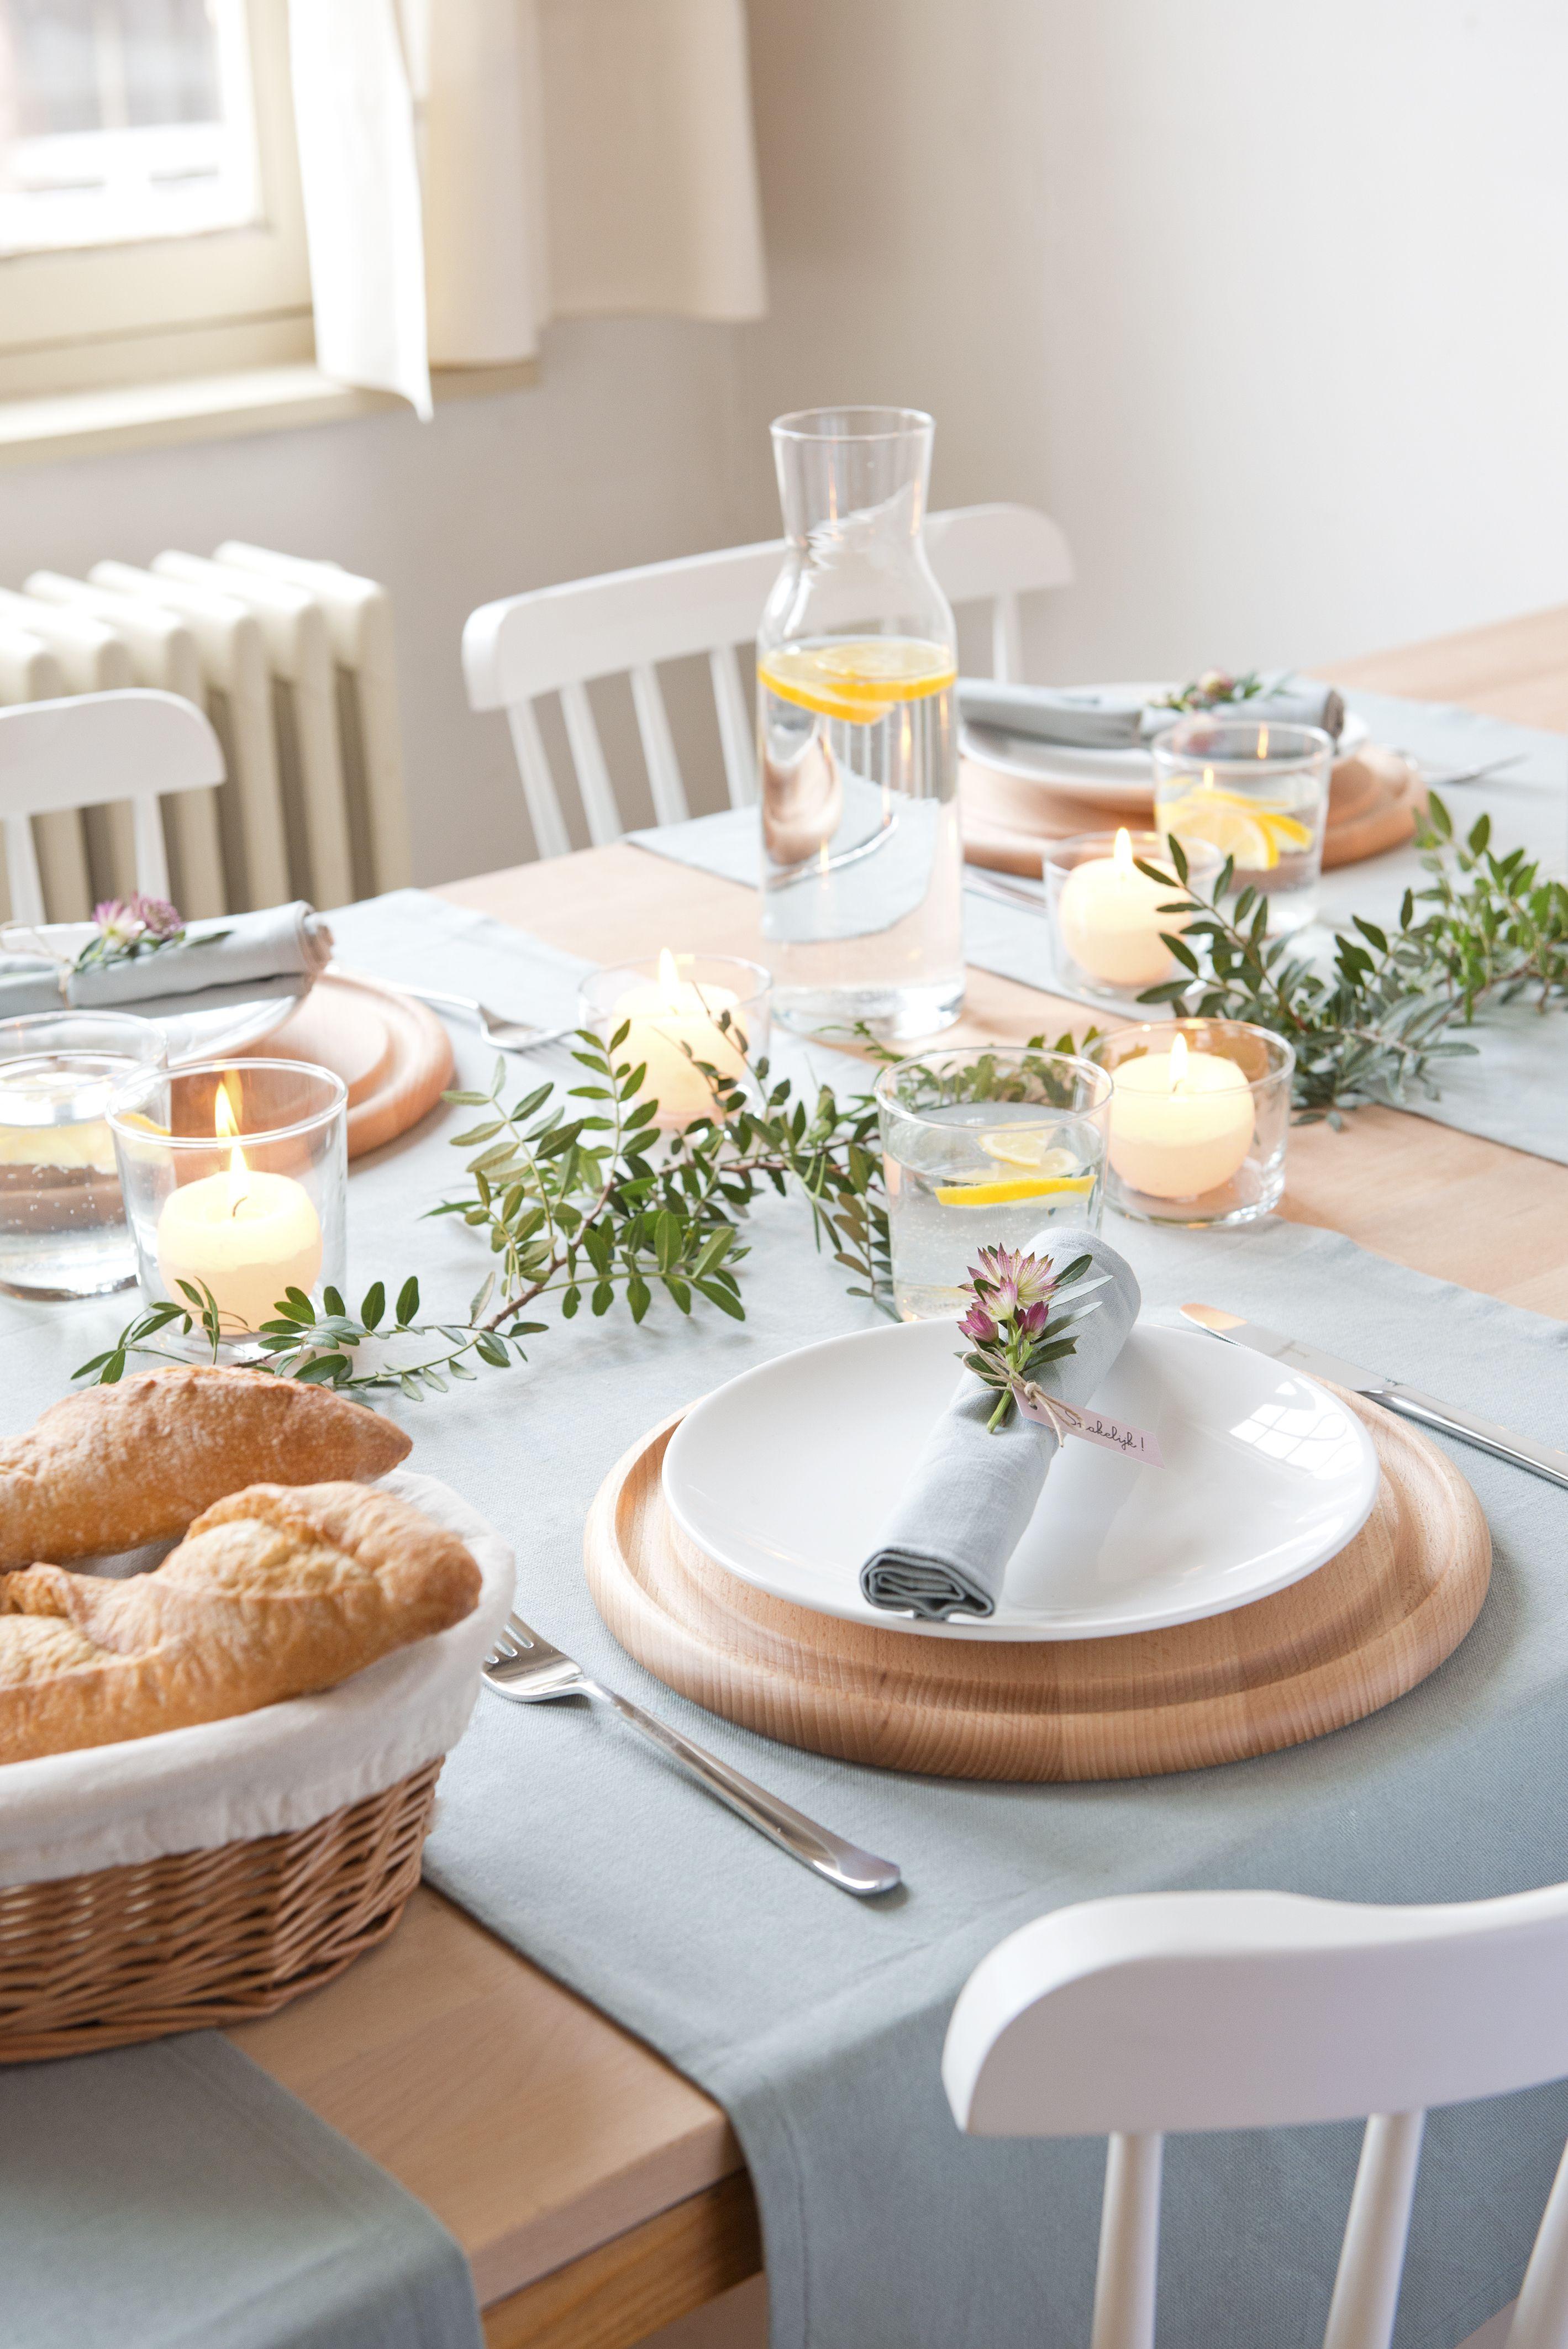 Tisch Decken  Tisch Festlich Decken – Wohn design